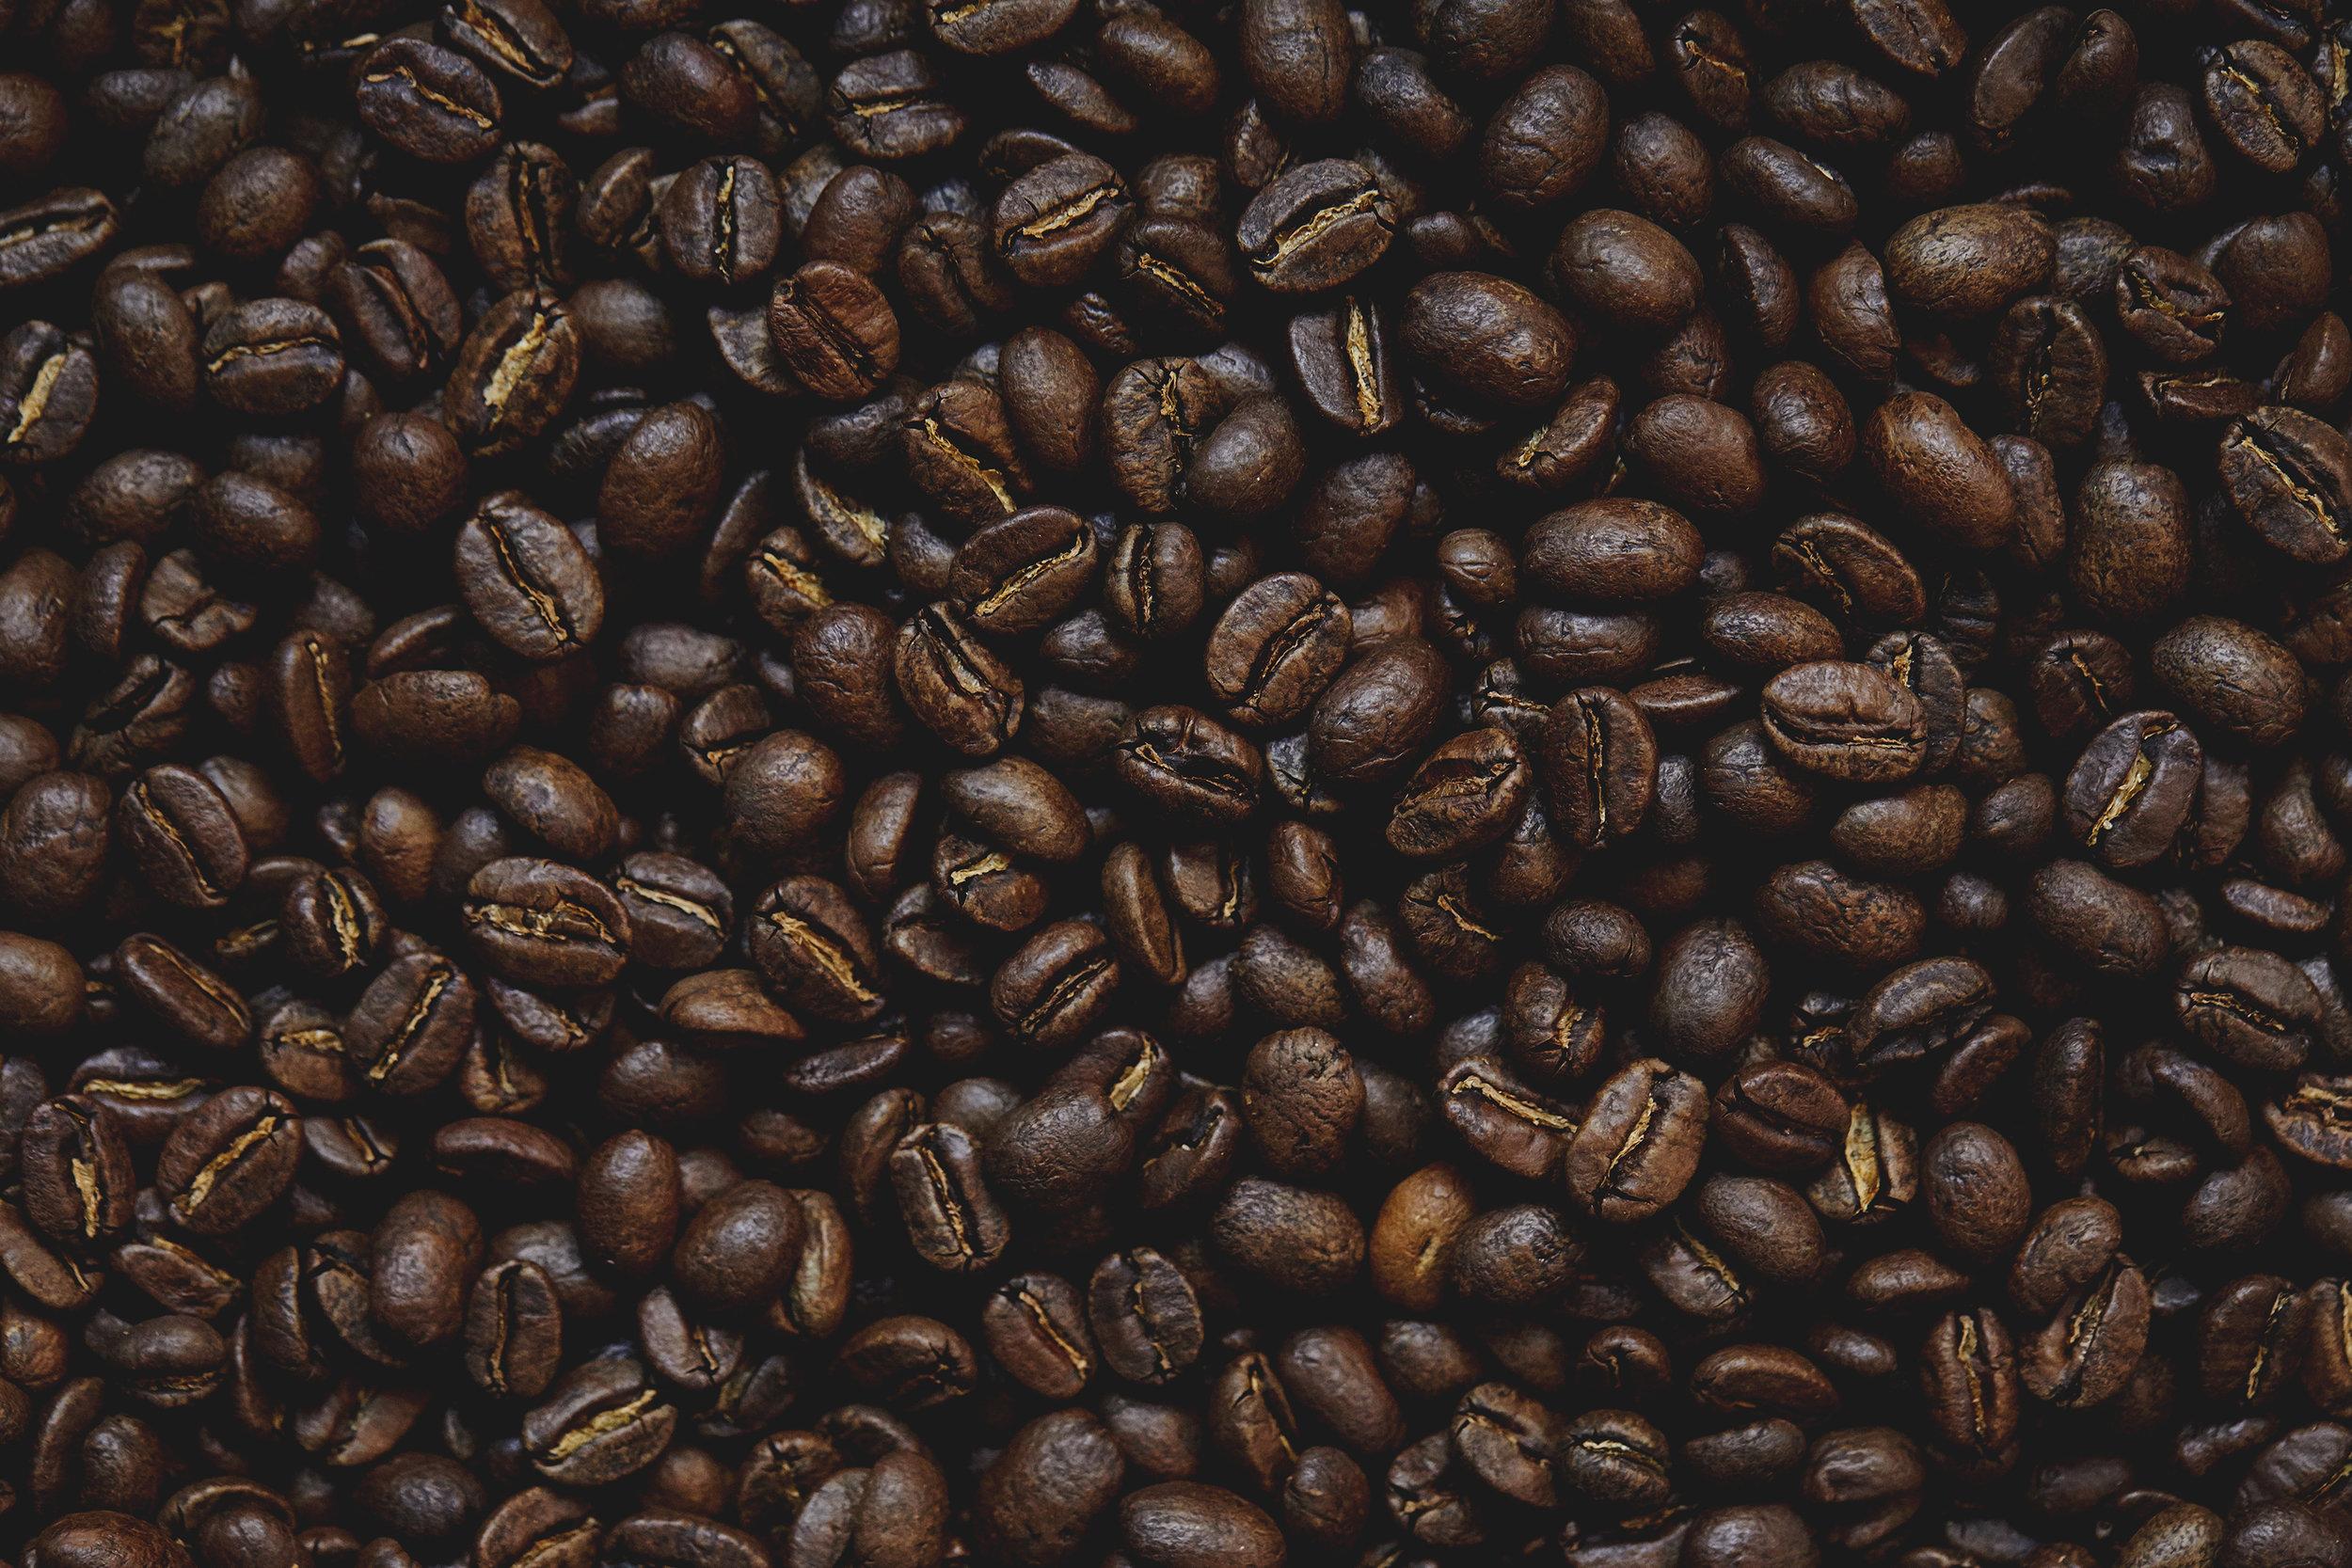 2018_09_17_Propeller Coffee18188.jpg